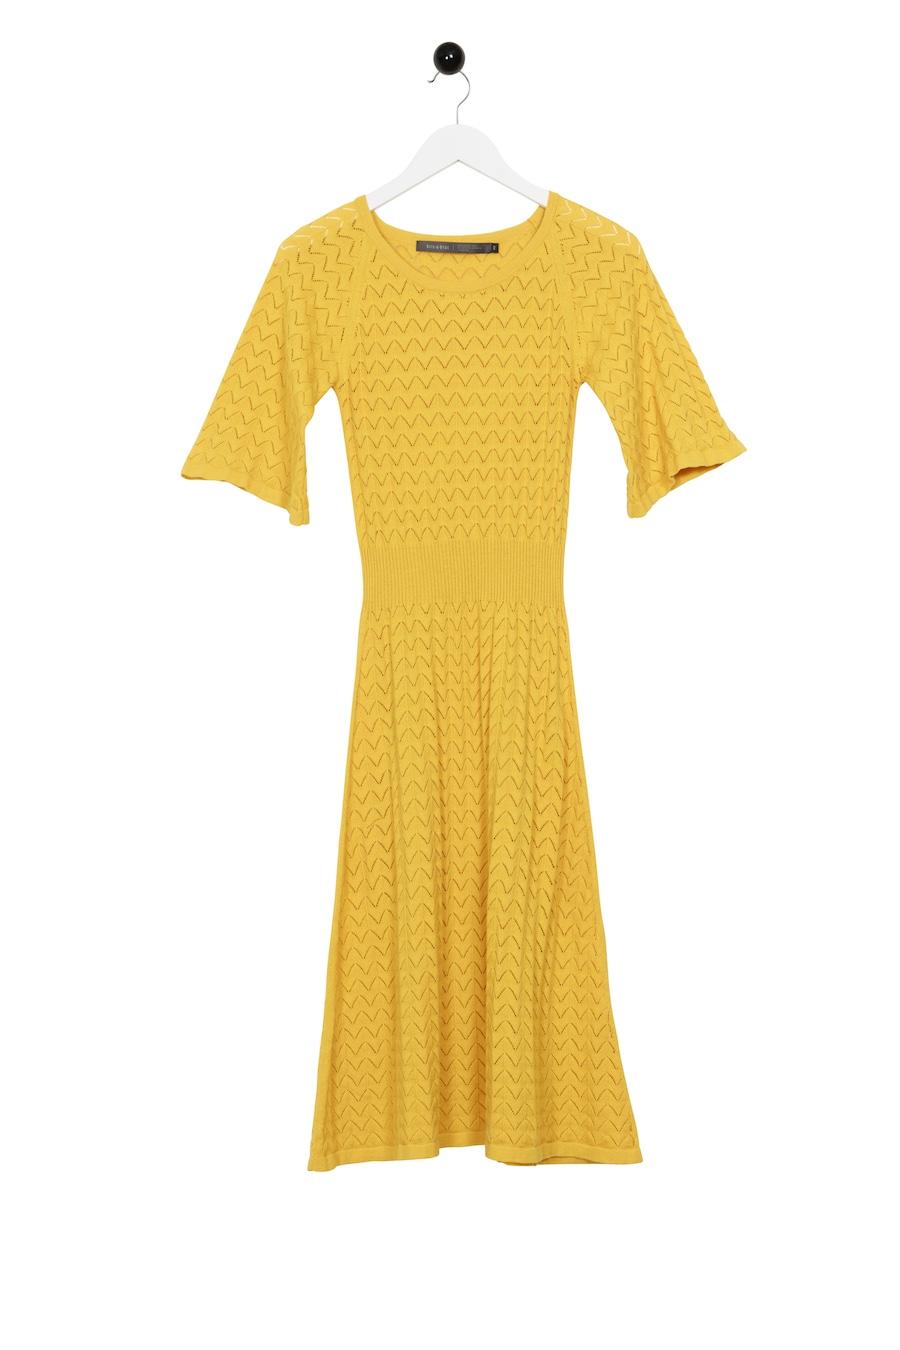 Klepper Dress